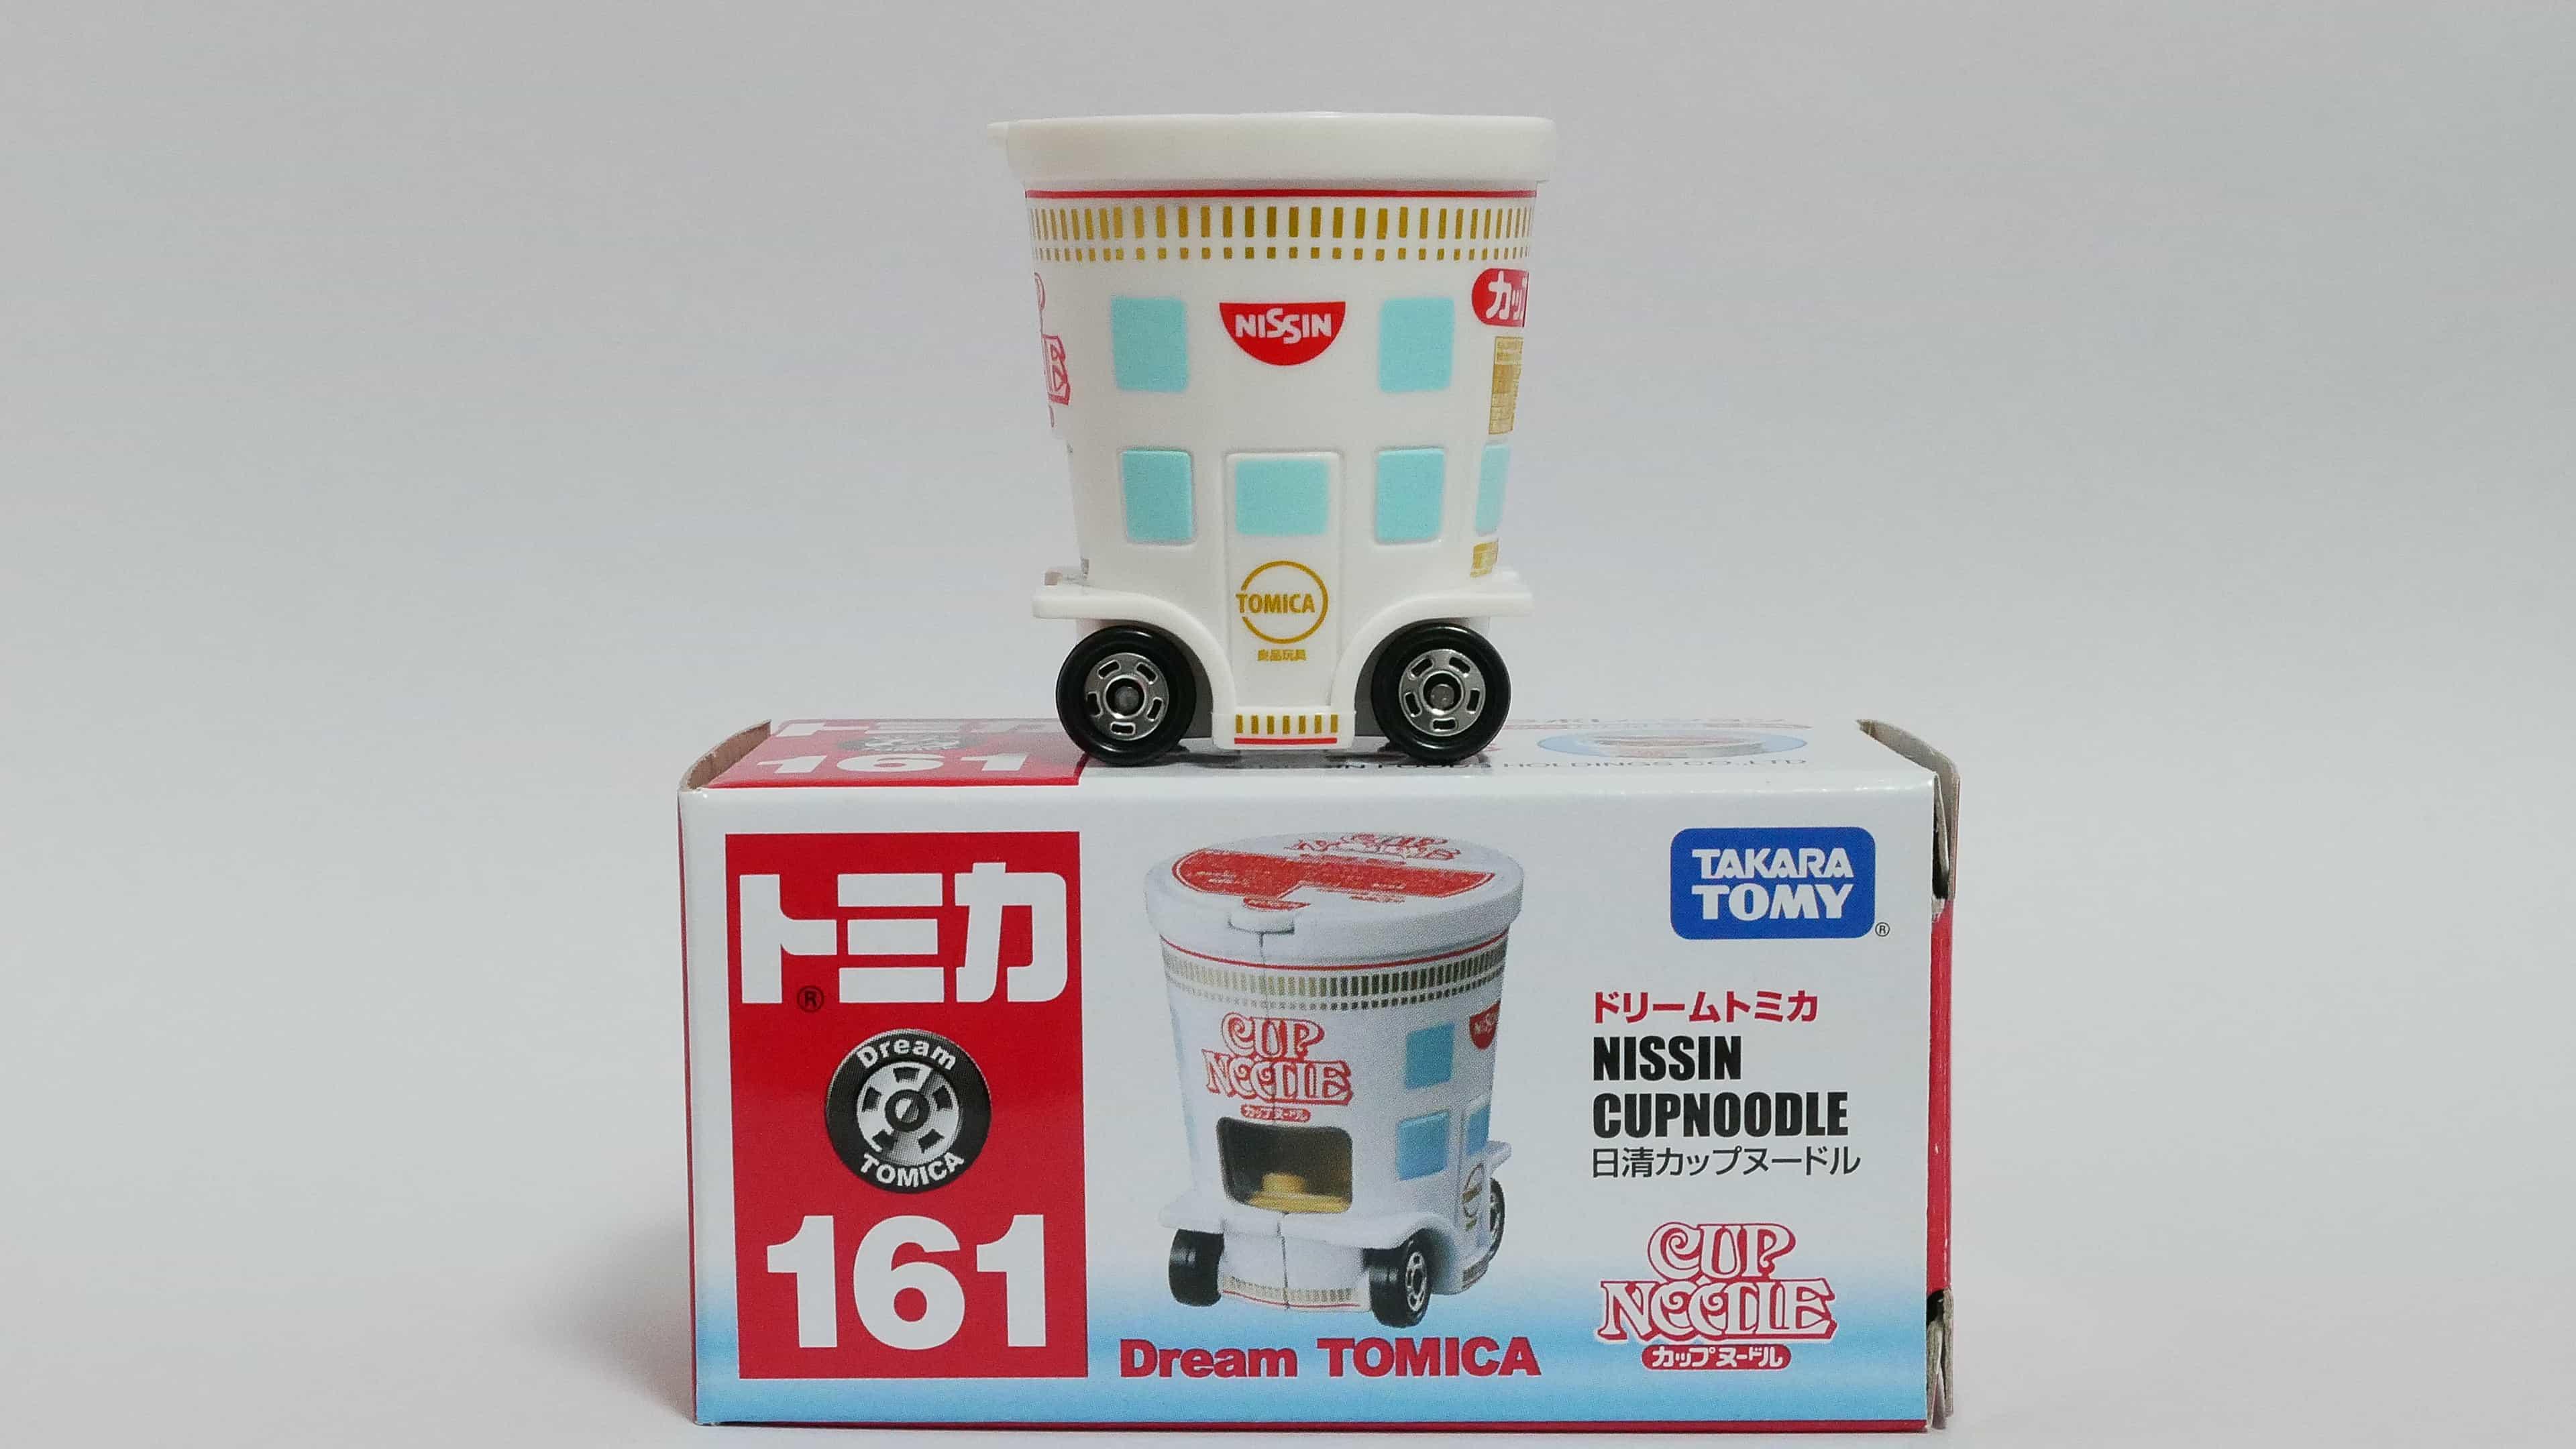 ドリームトミカNo.161-1日清カップヌードル-箱